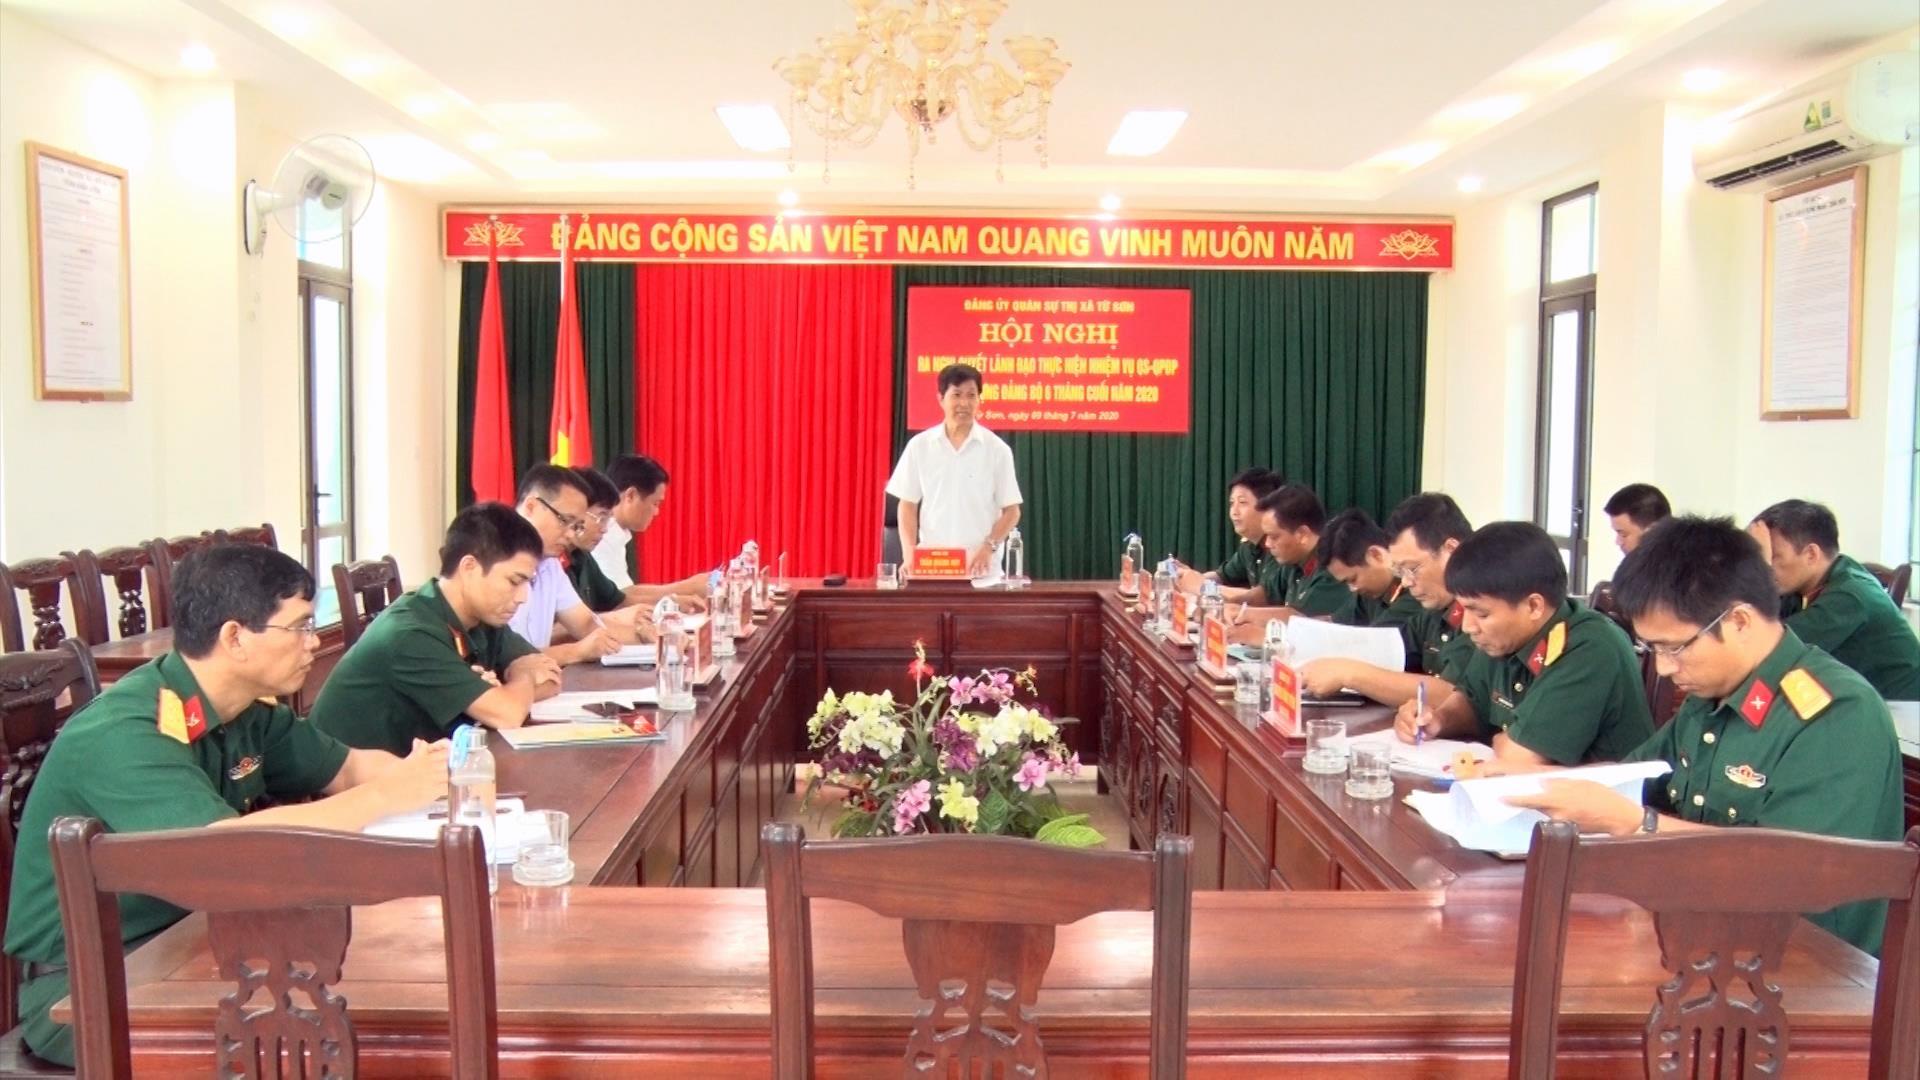 Đảng ủy Quân sự thị xã Từ Sơn ra Nghị quyết lãnh đạo thực hiện nhiệm vụ